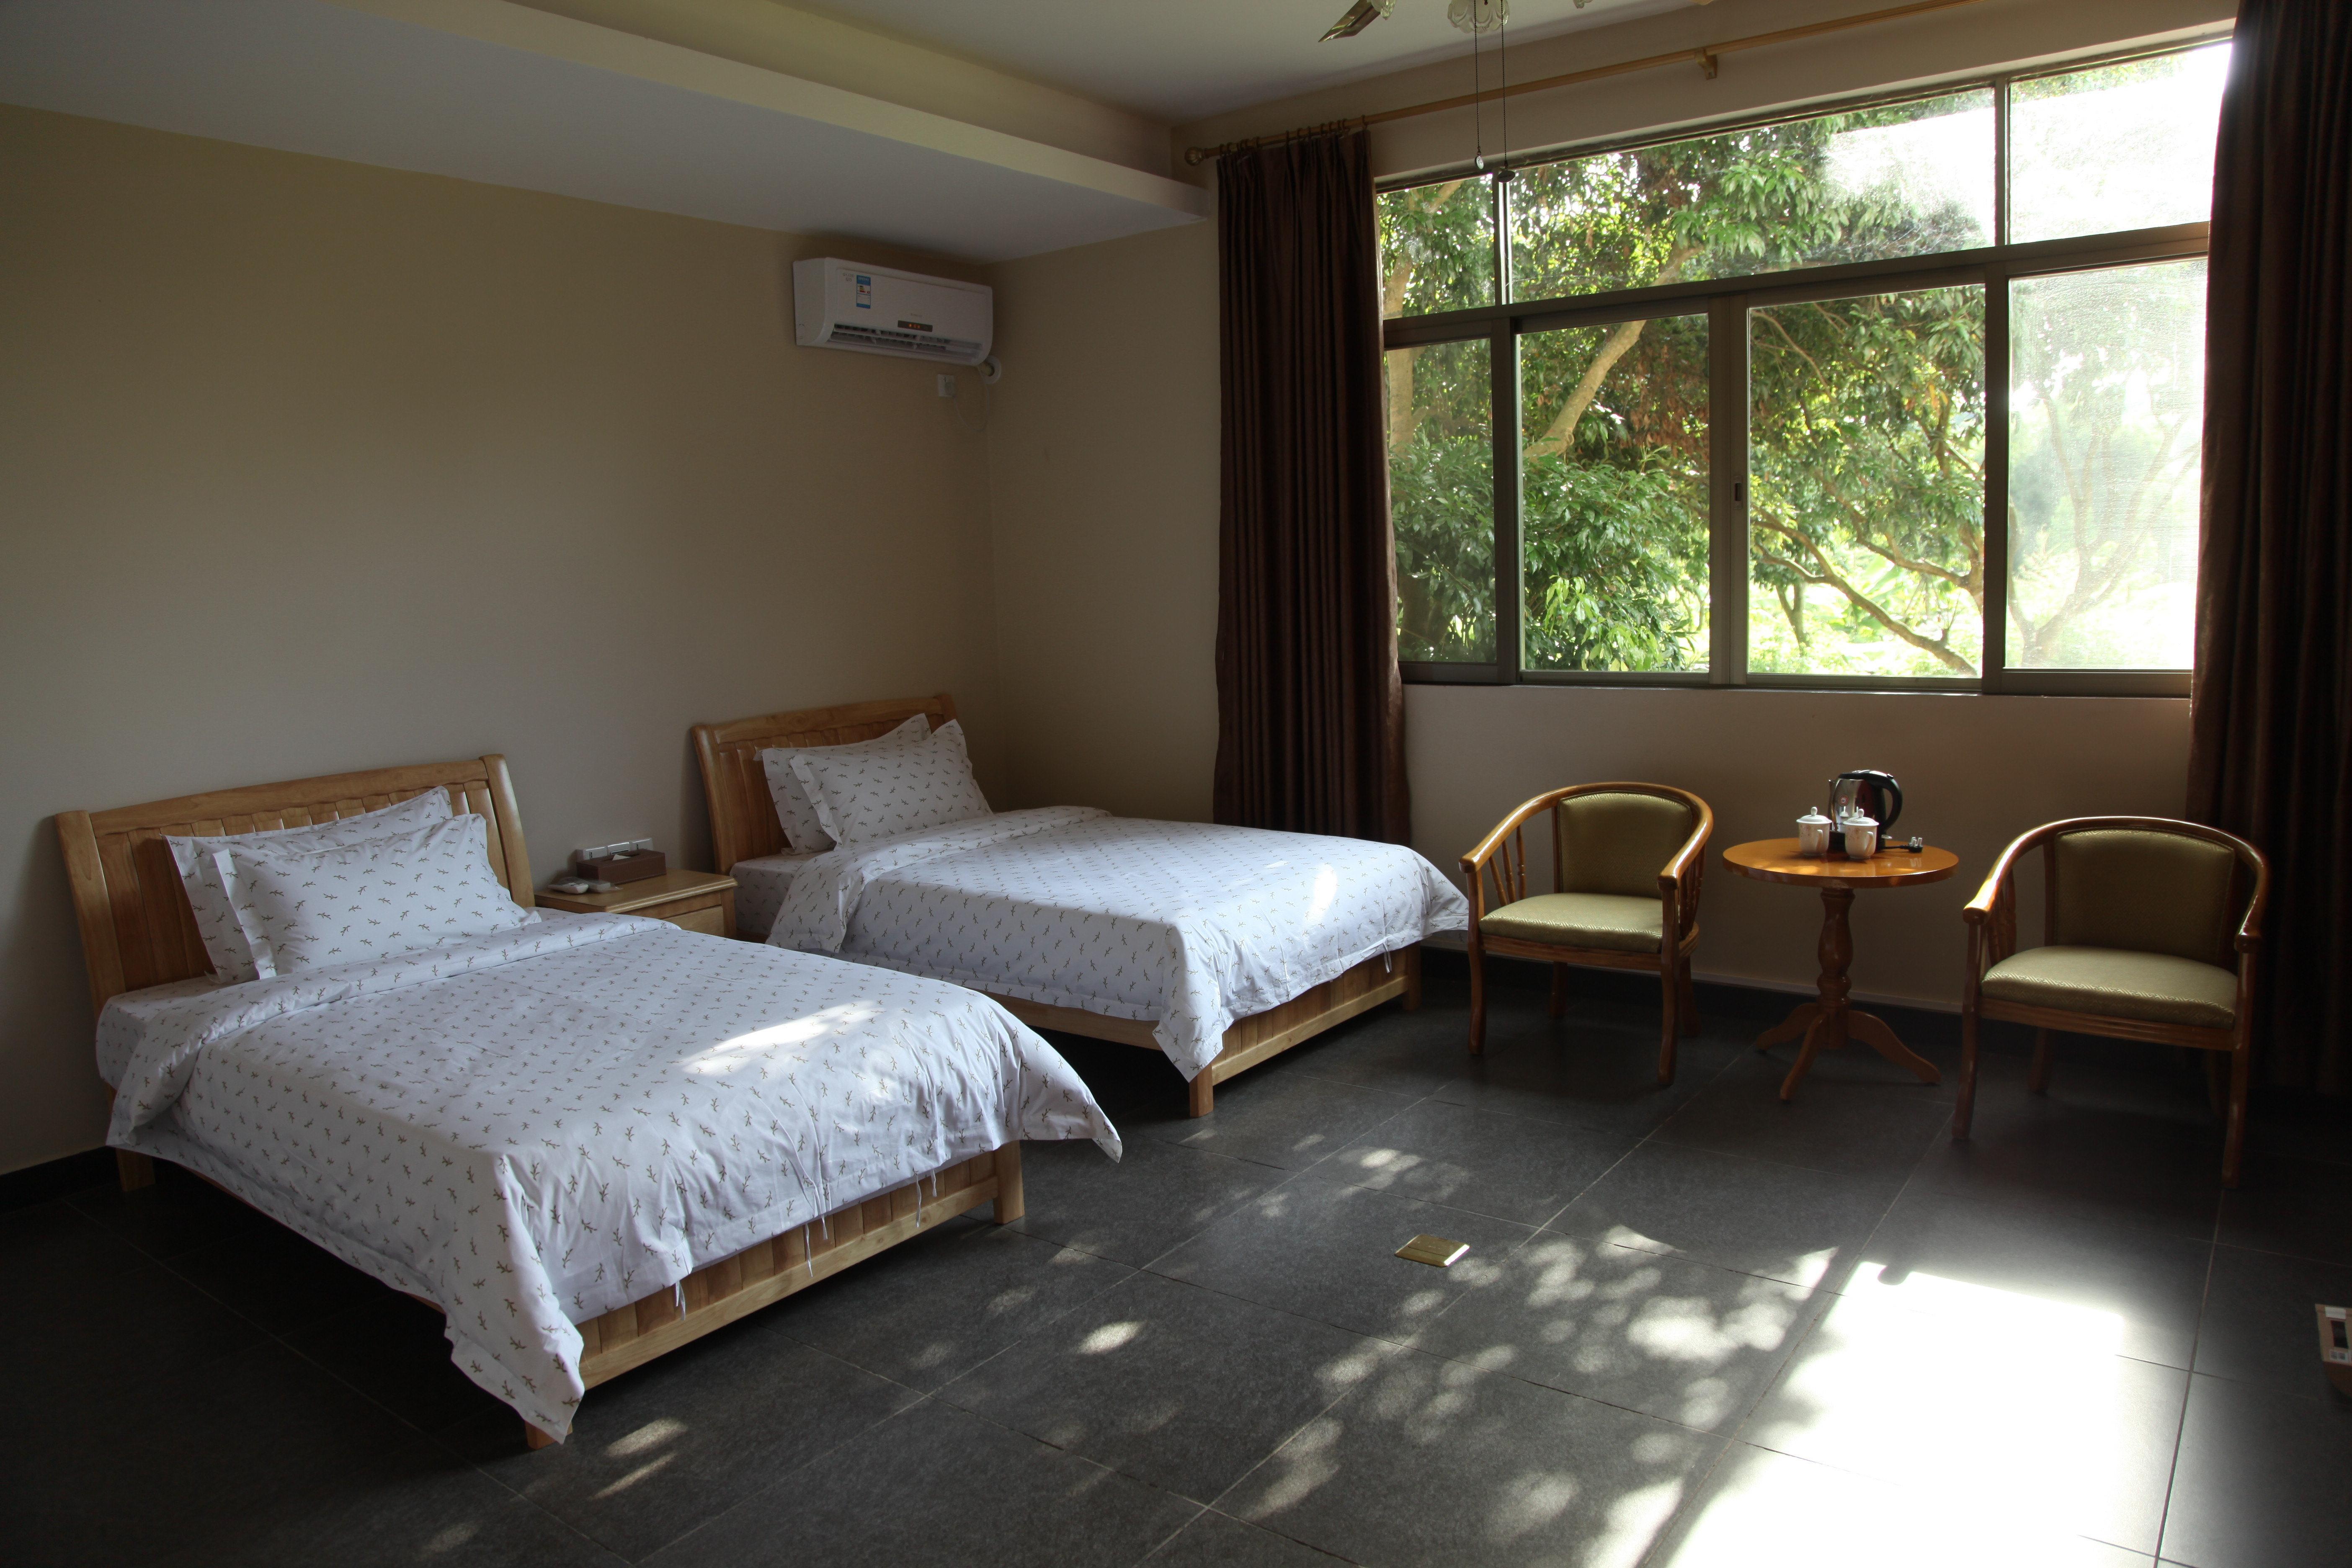 广州增城新竹生态度假酒店(商务客房)